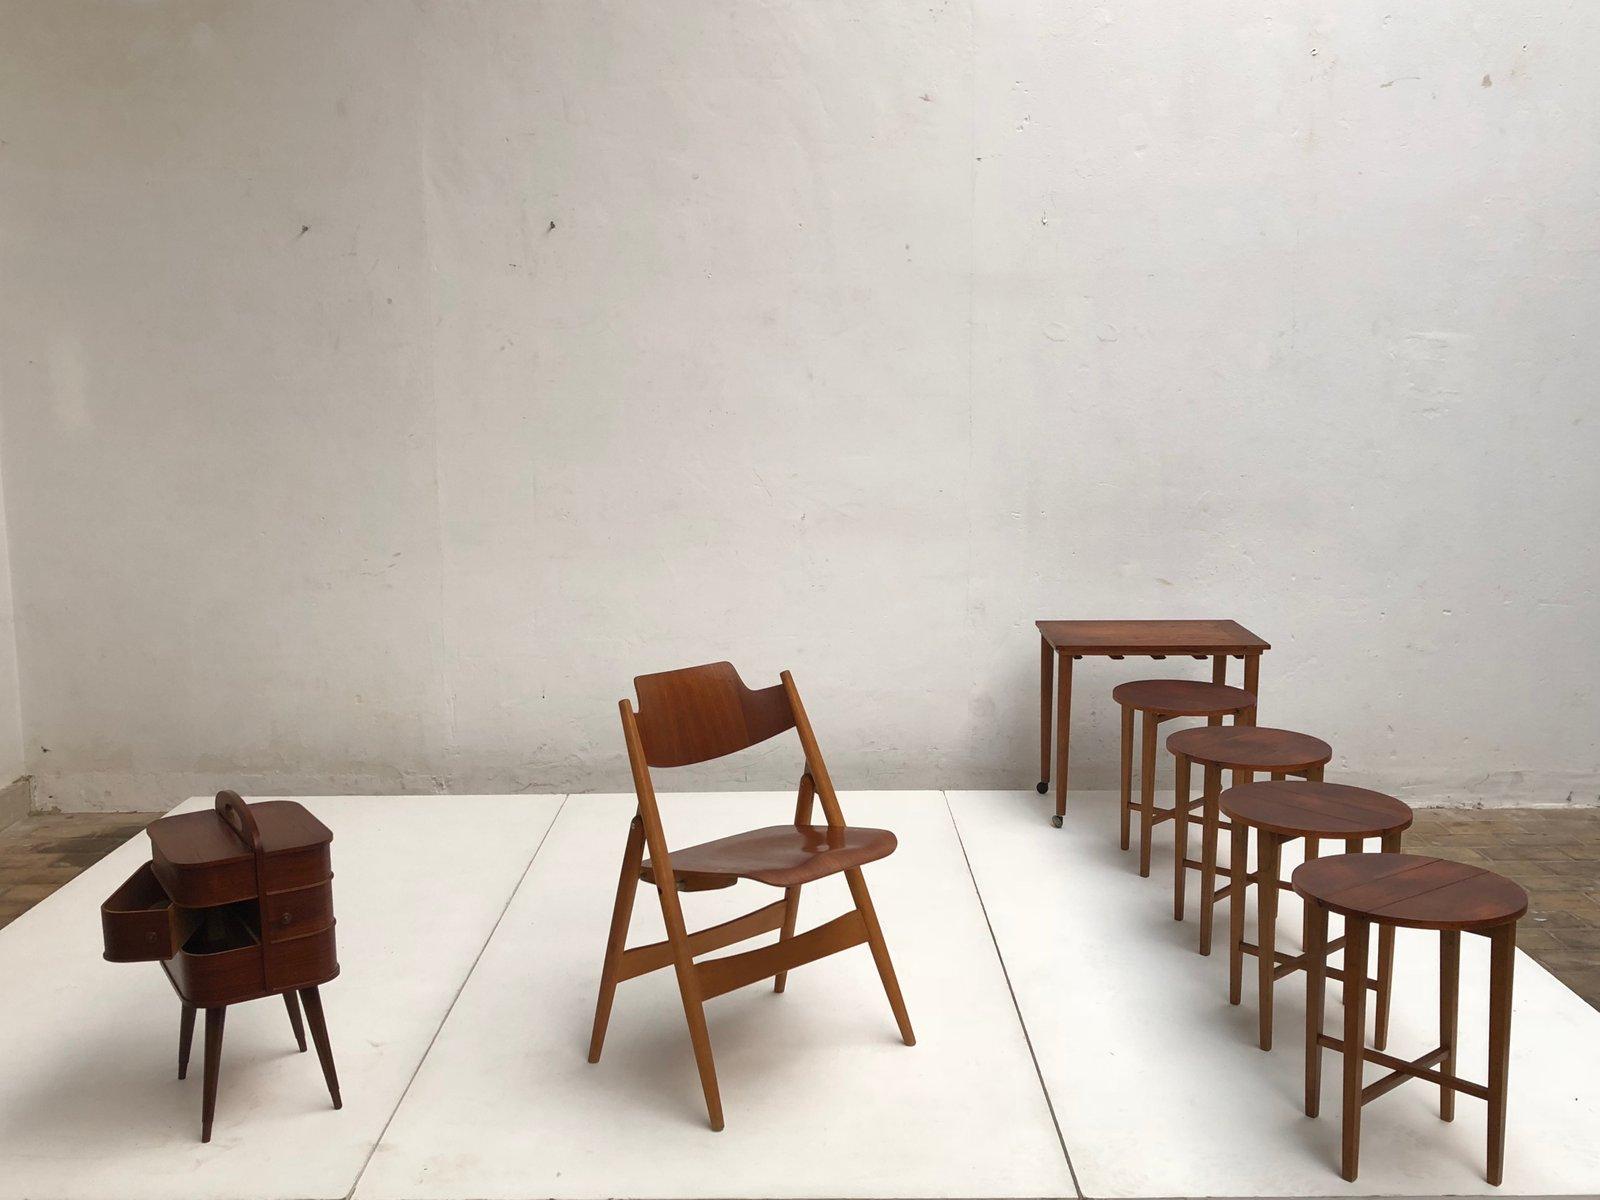 se18 klappstuhl von egon eiermann f r wilde spieth 1950er bei pamono kaufen. Black Bedroom Furniture Sets. Home Design Ideas